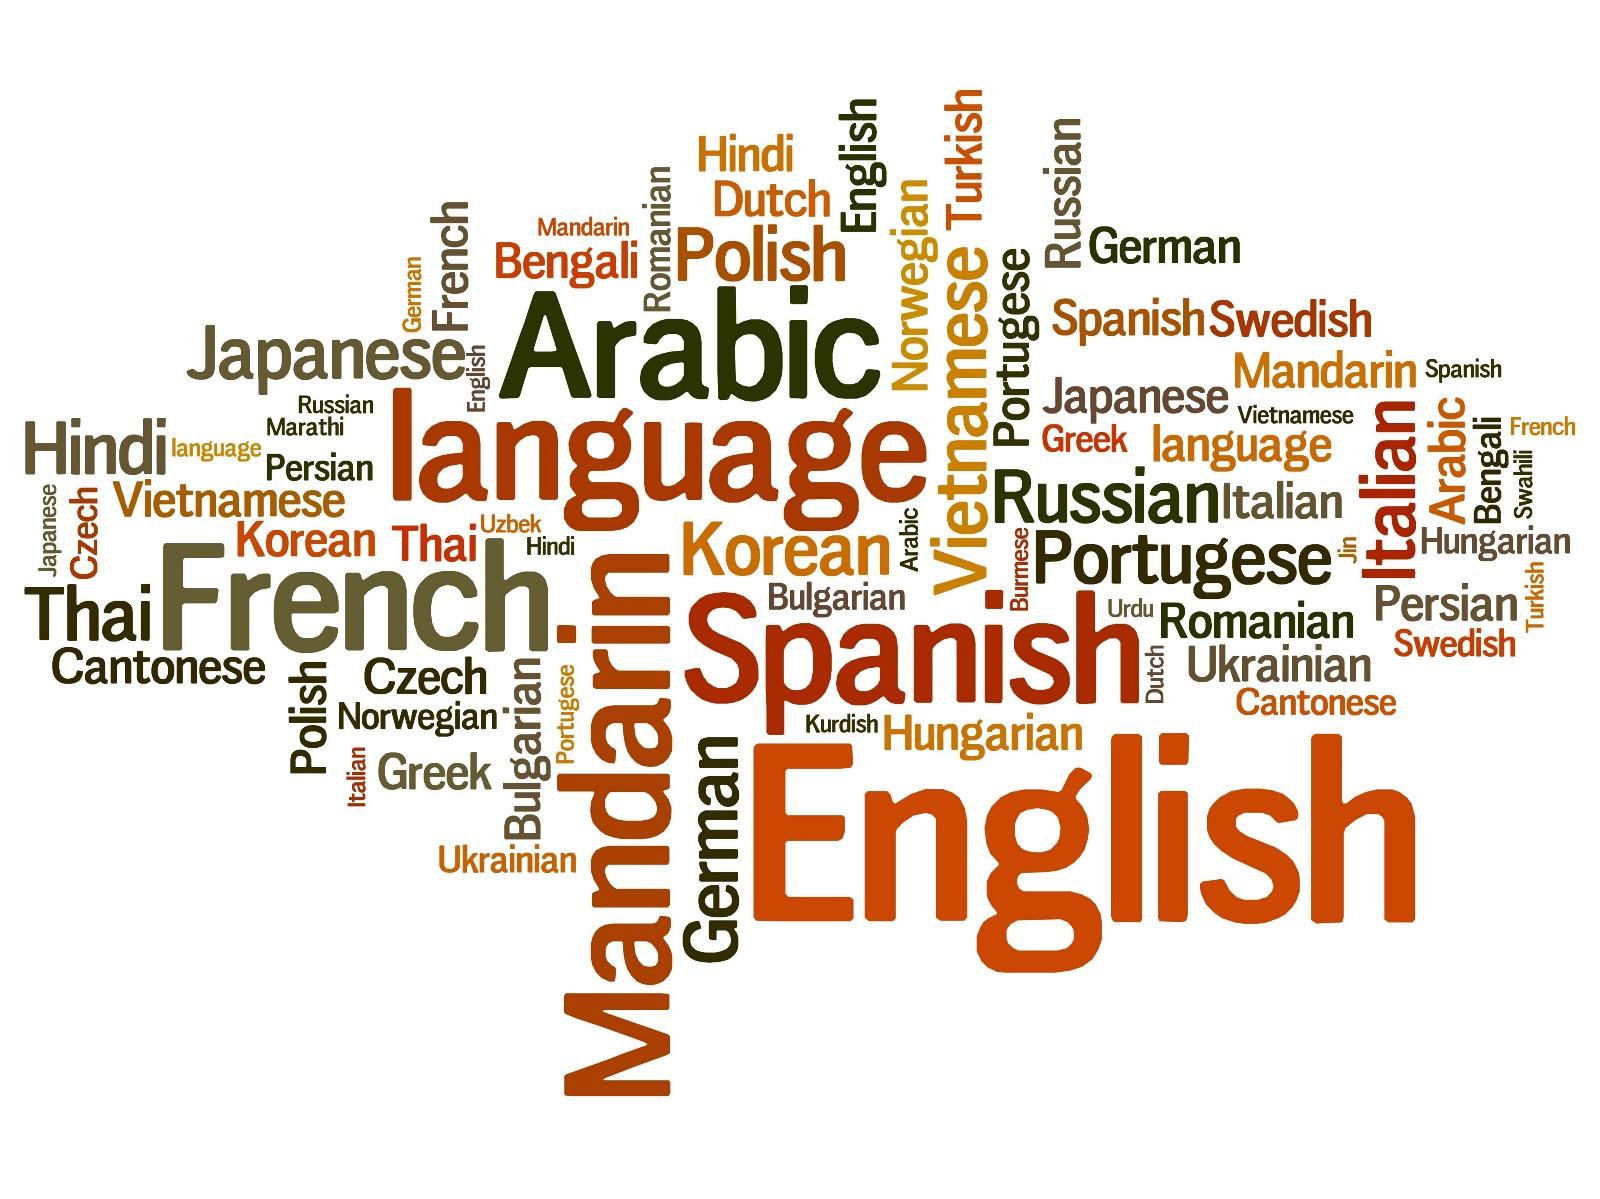 دپارتمان زبان های خارجی گروه آموزشی جغد دانا